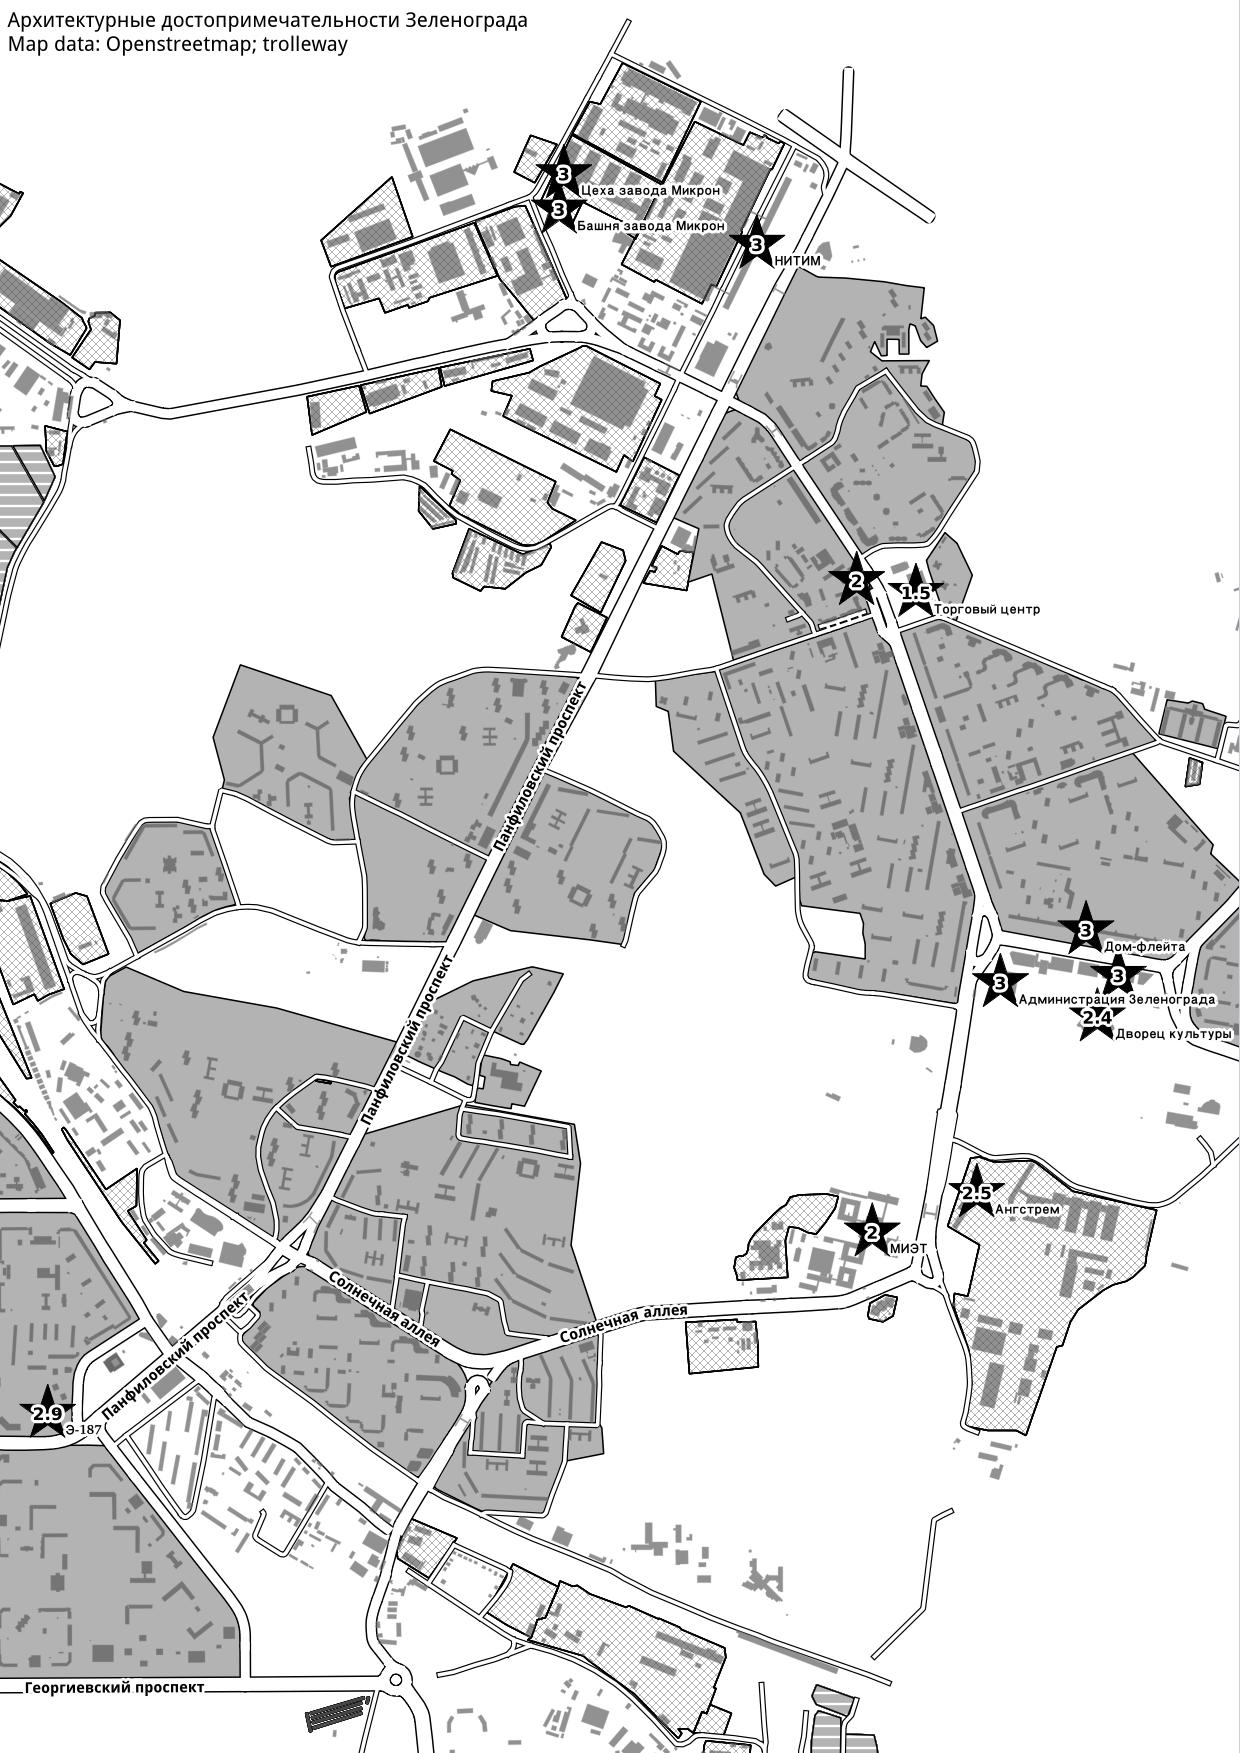 Карта архитектурных достопримечательностей Зеленограда